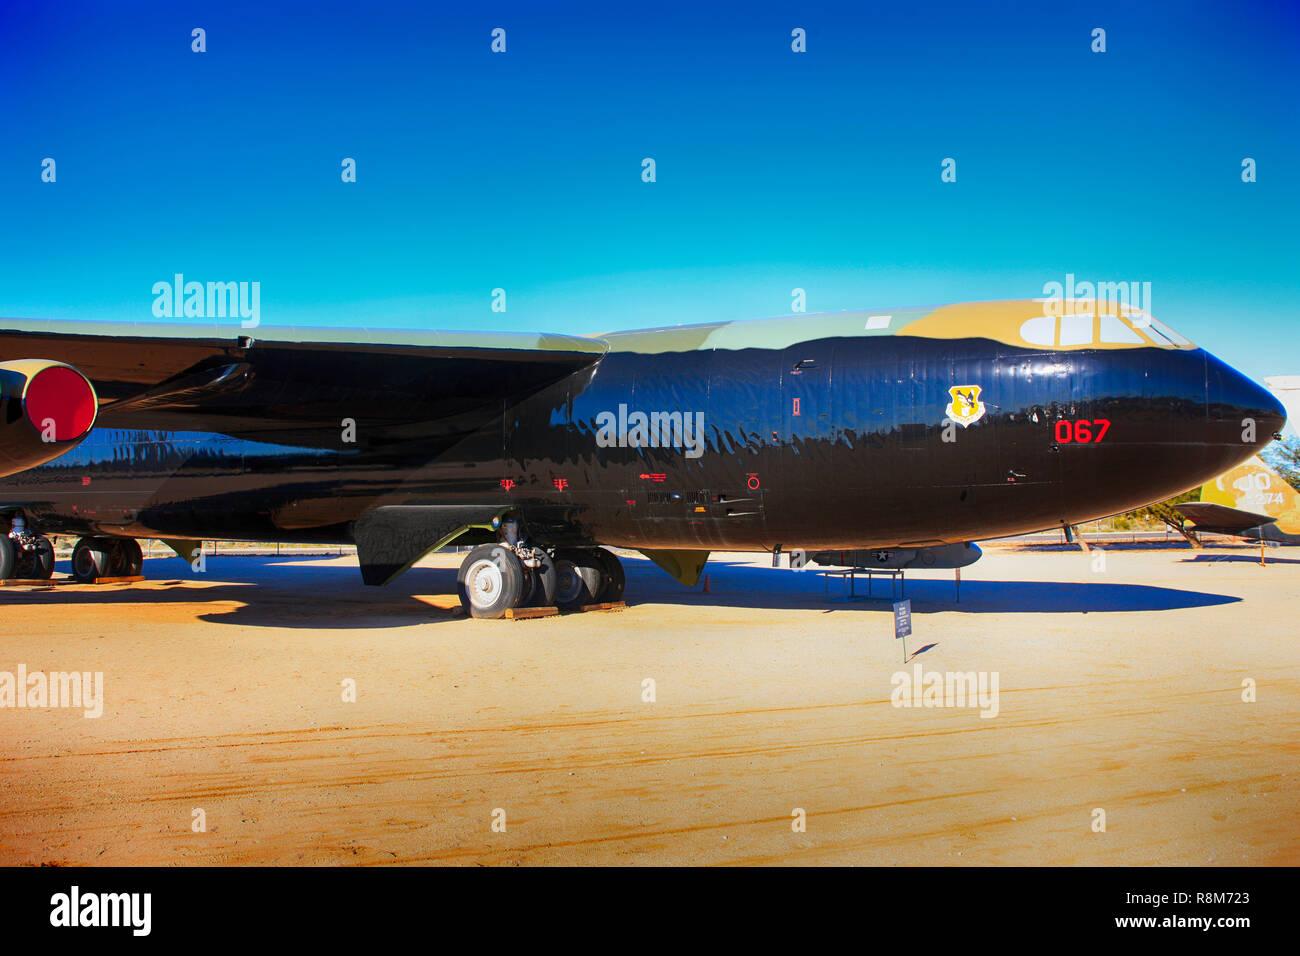 Boeing B52D Stratofortress avion bombardier stratégique à l'affiche au Pima Air & Space Museum à Tucson, AZ Banque D'Images